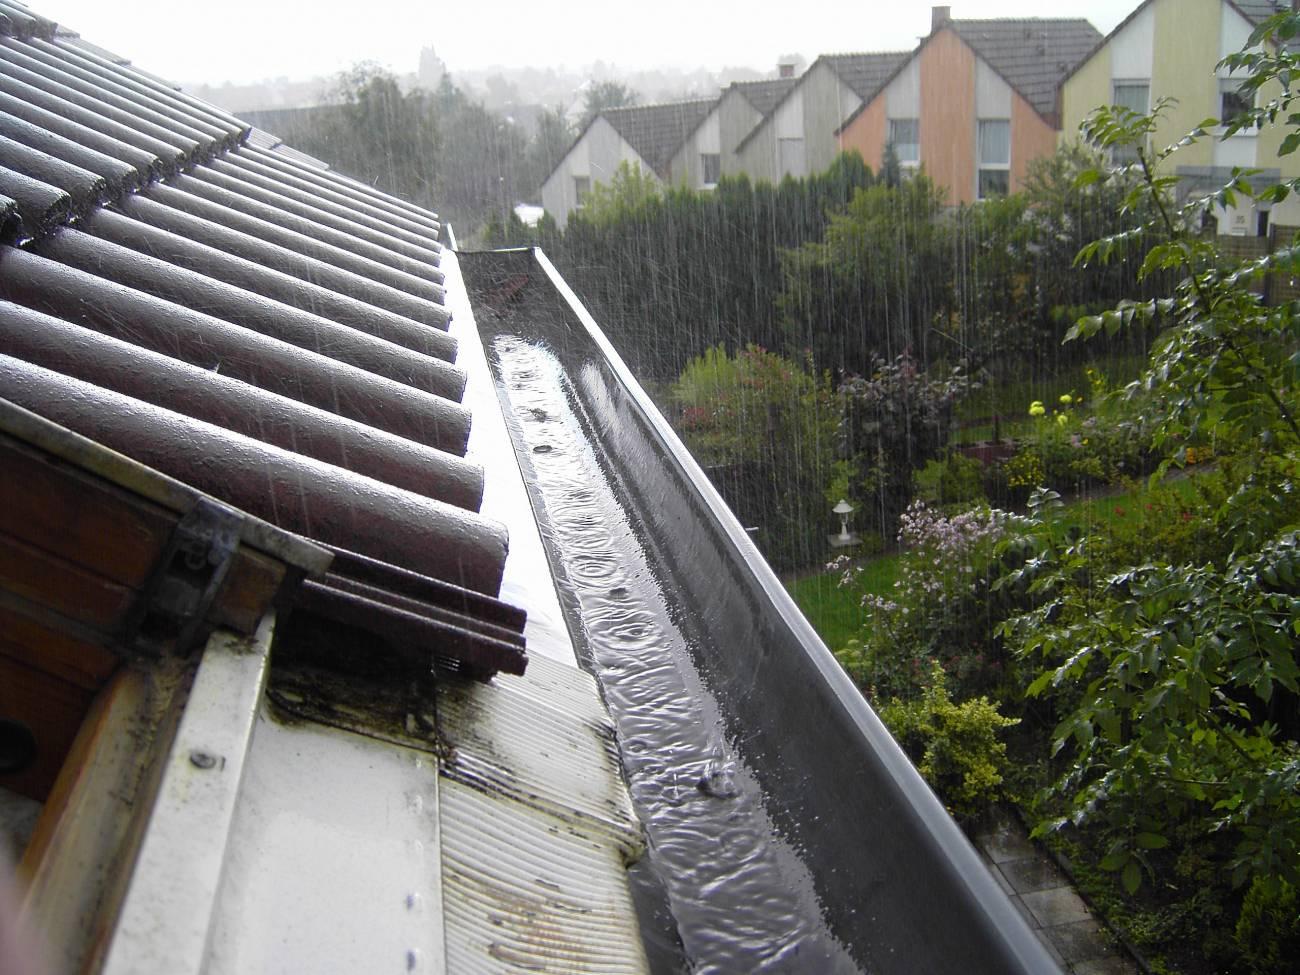 Las cubiertas inclinadas lisas facilitan la captura de hasta un 50% más de agua de lluvia que las que son planas y rugosas.